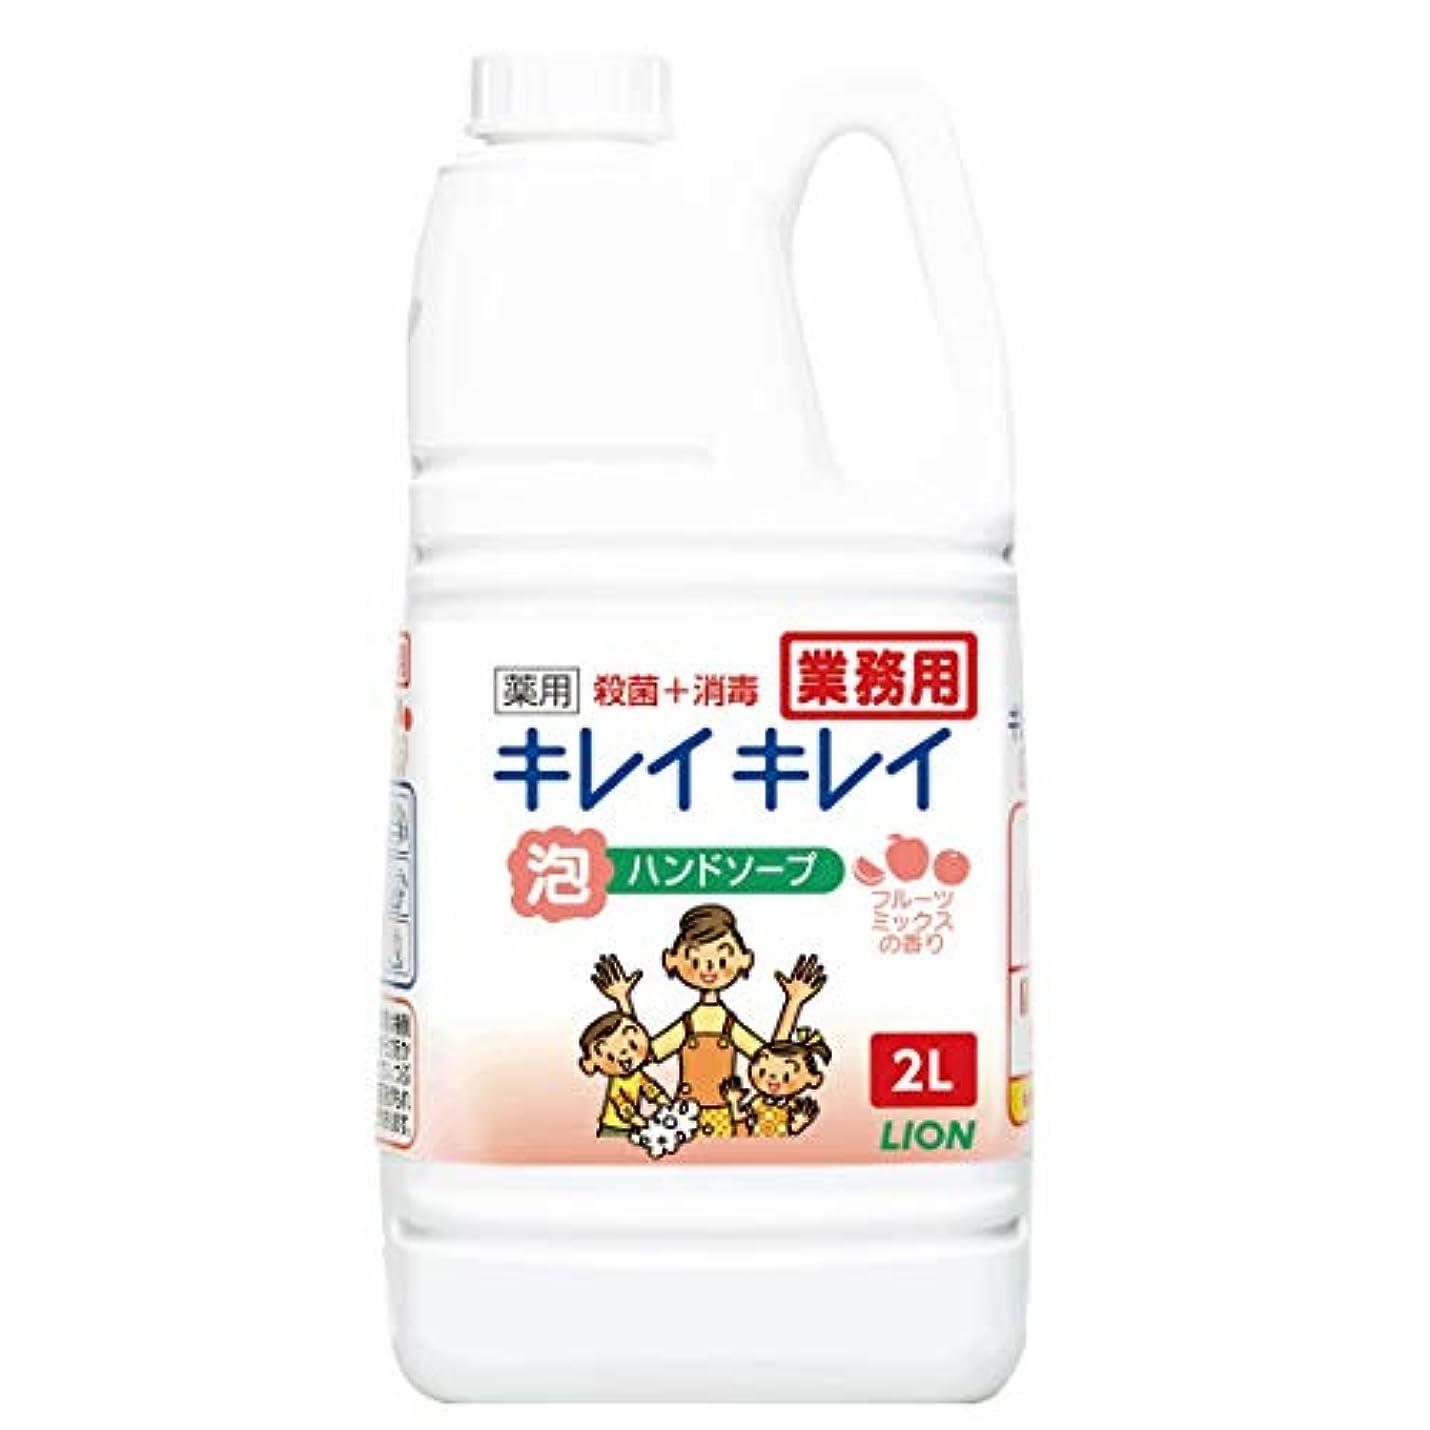 こねる起こりやすいクライアント【大容量】キレイキレイ 薬用泡ハンドソープ フルーツミックスの香り 2L